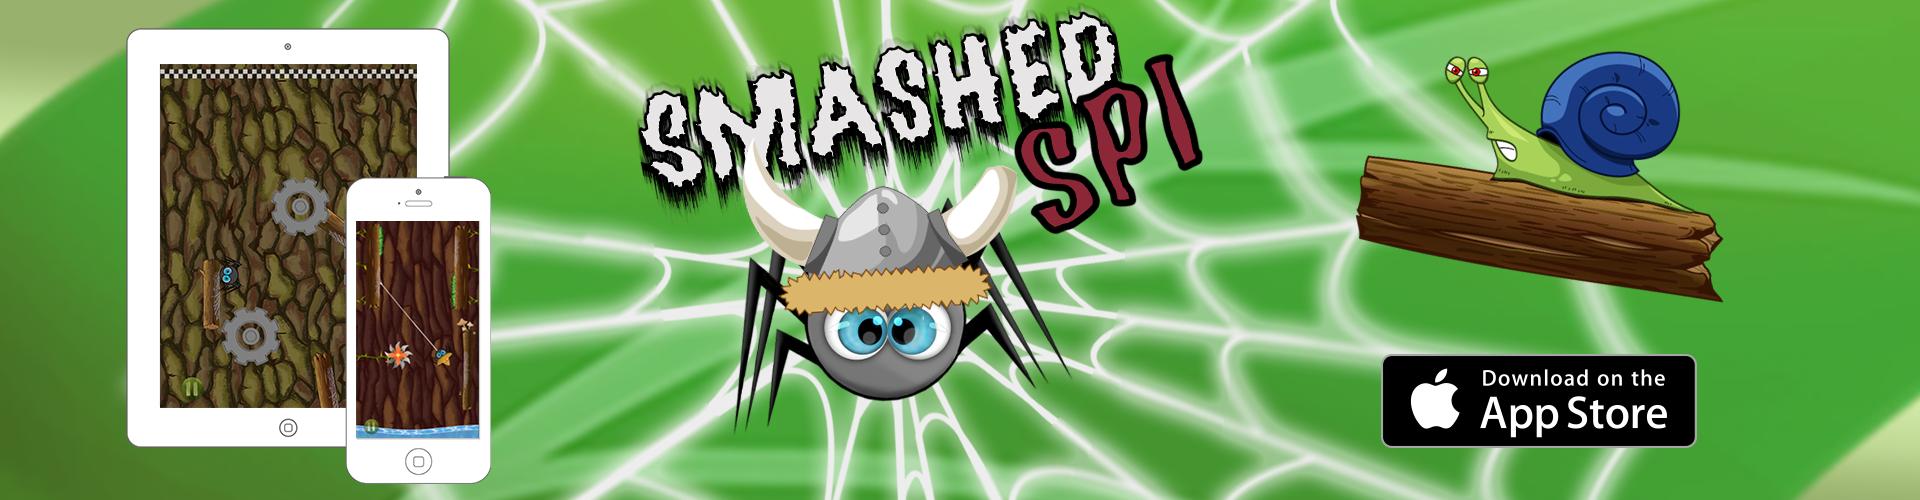 SmashedSpi